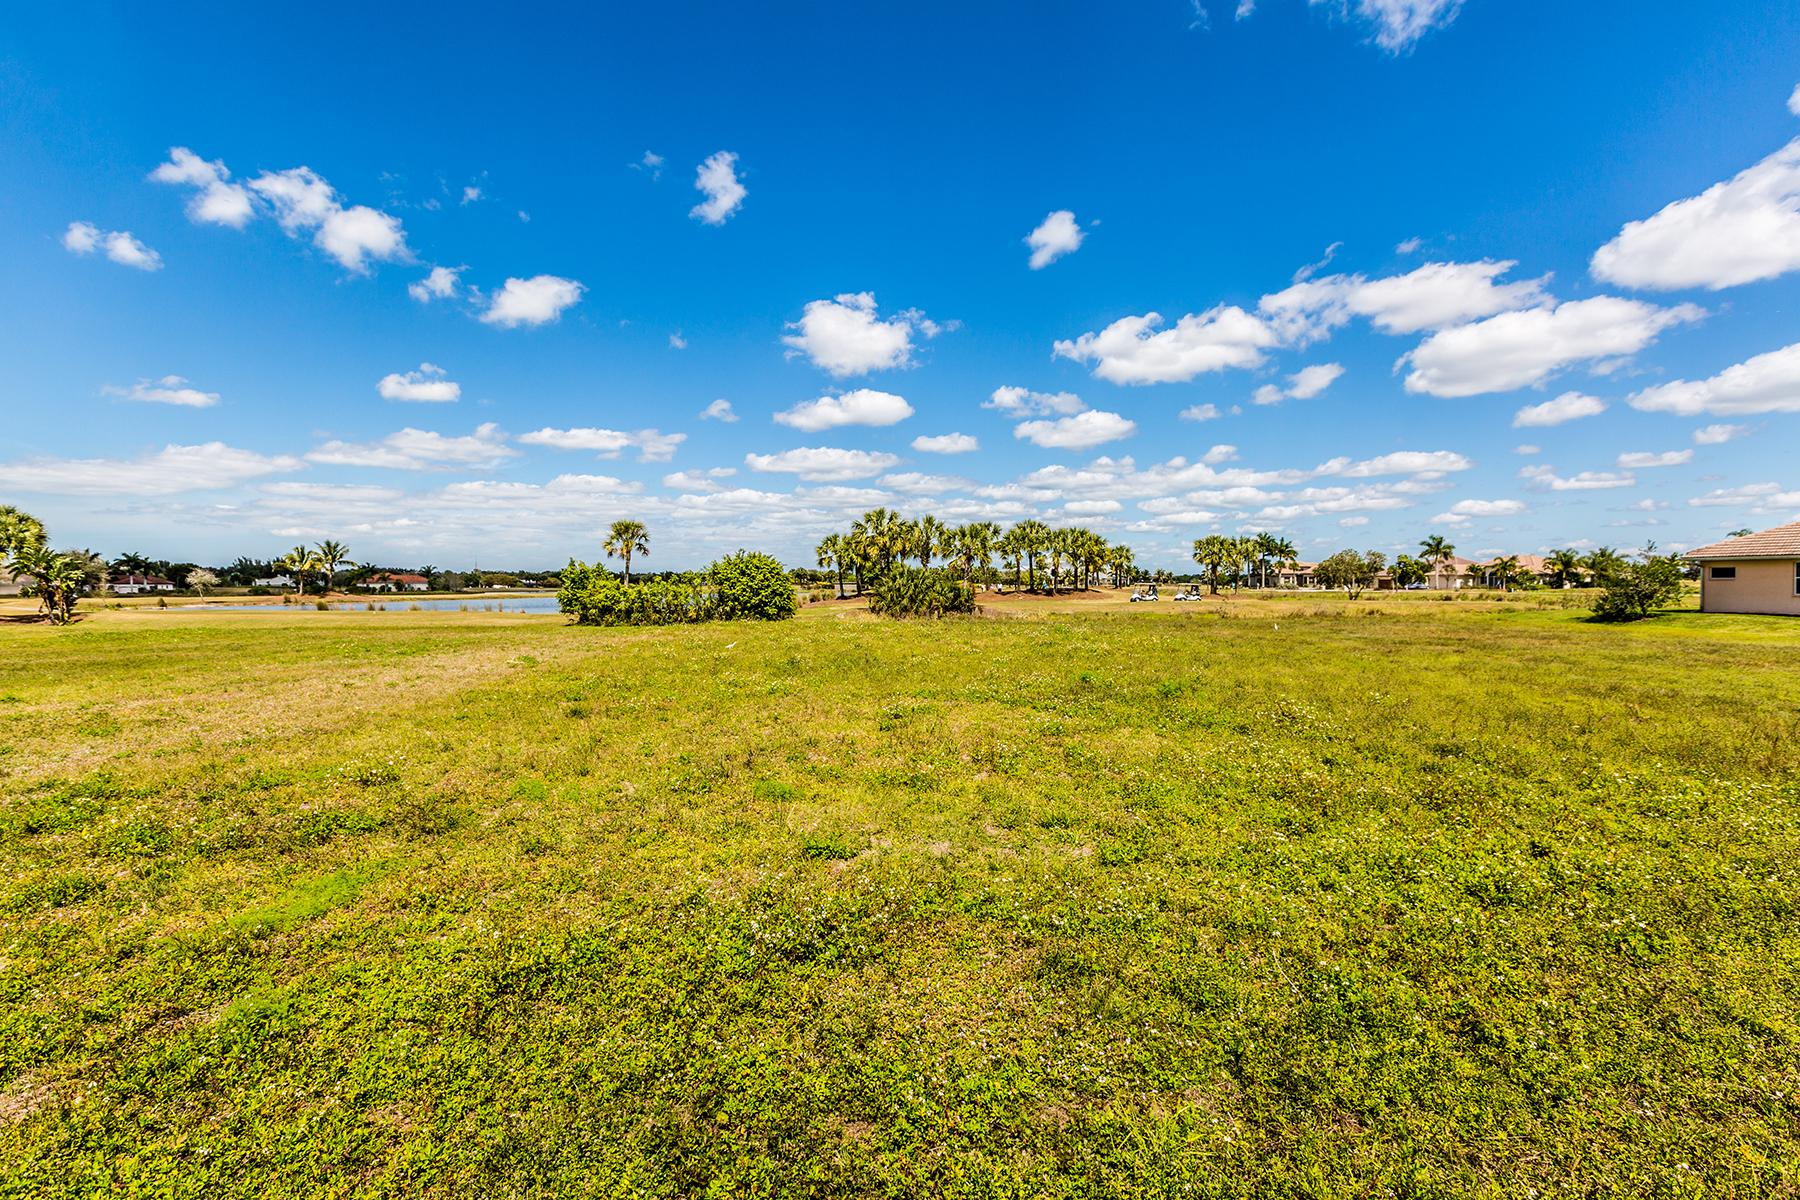 Đất đai vì Bán tại NAPLES - ROYAL PALM GOLF ESTATES 18456 Royal Hammock Blvd Naples, Florida, 34114 Hoa Kỳ